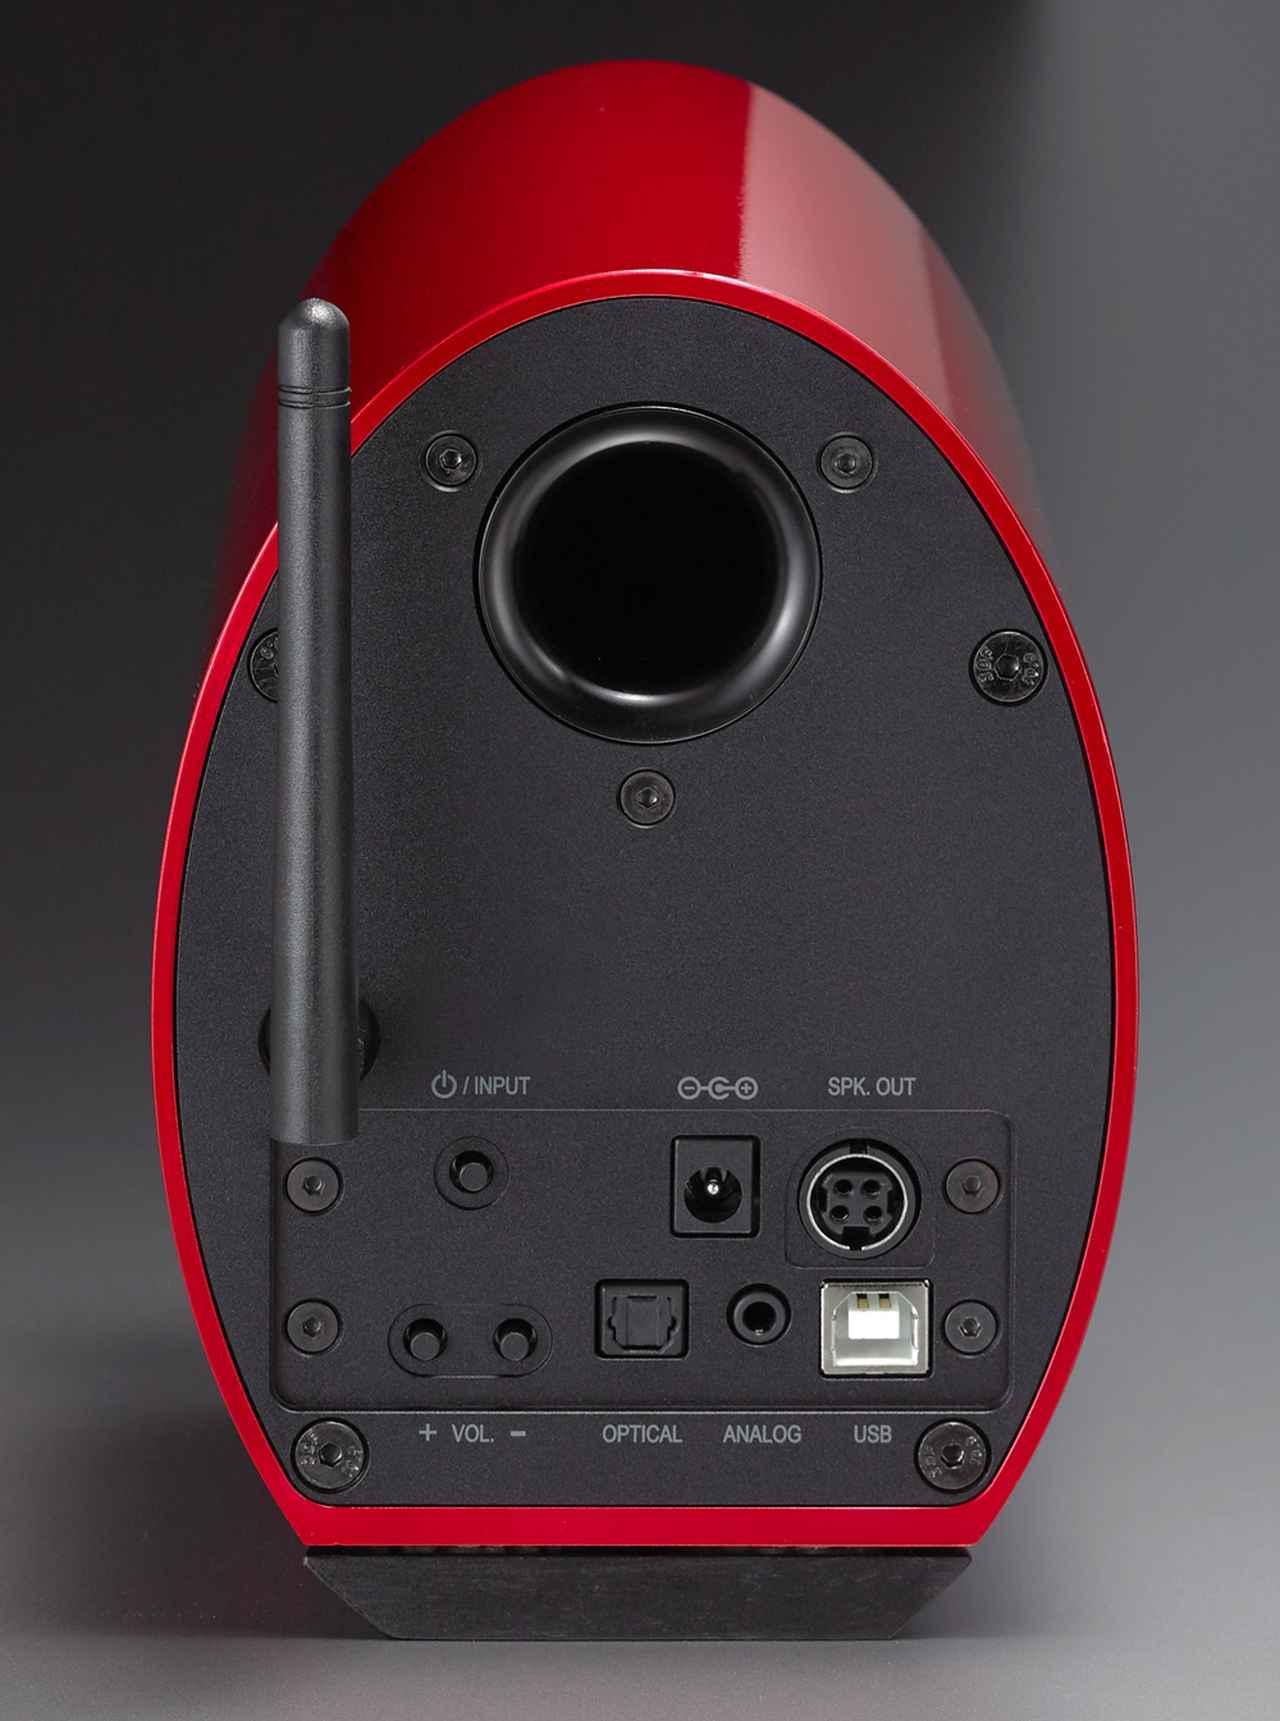 画像: ▲背面にはUSB端子や光デジタル、3.5mmステレオミニアナログなどの入力端子のほか、電源ボタン、ボリュウム、ワイヤレスアンテナなどを装備。バスレフポートは風切り音低減のため、テーパーがつけられている